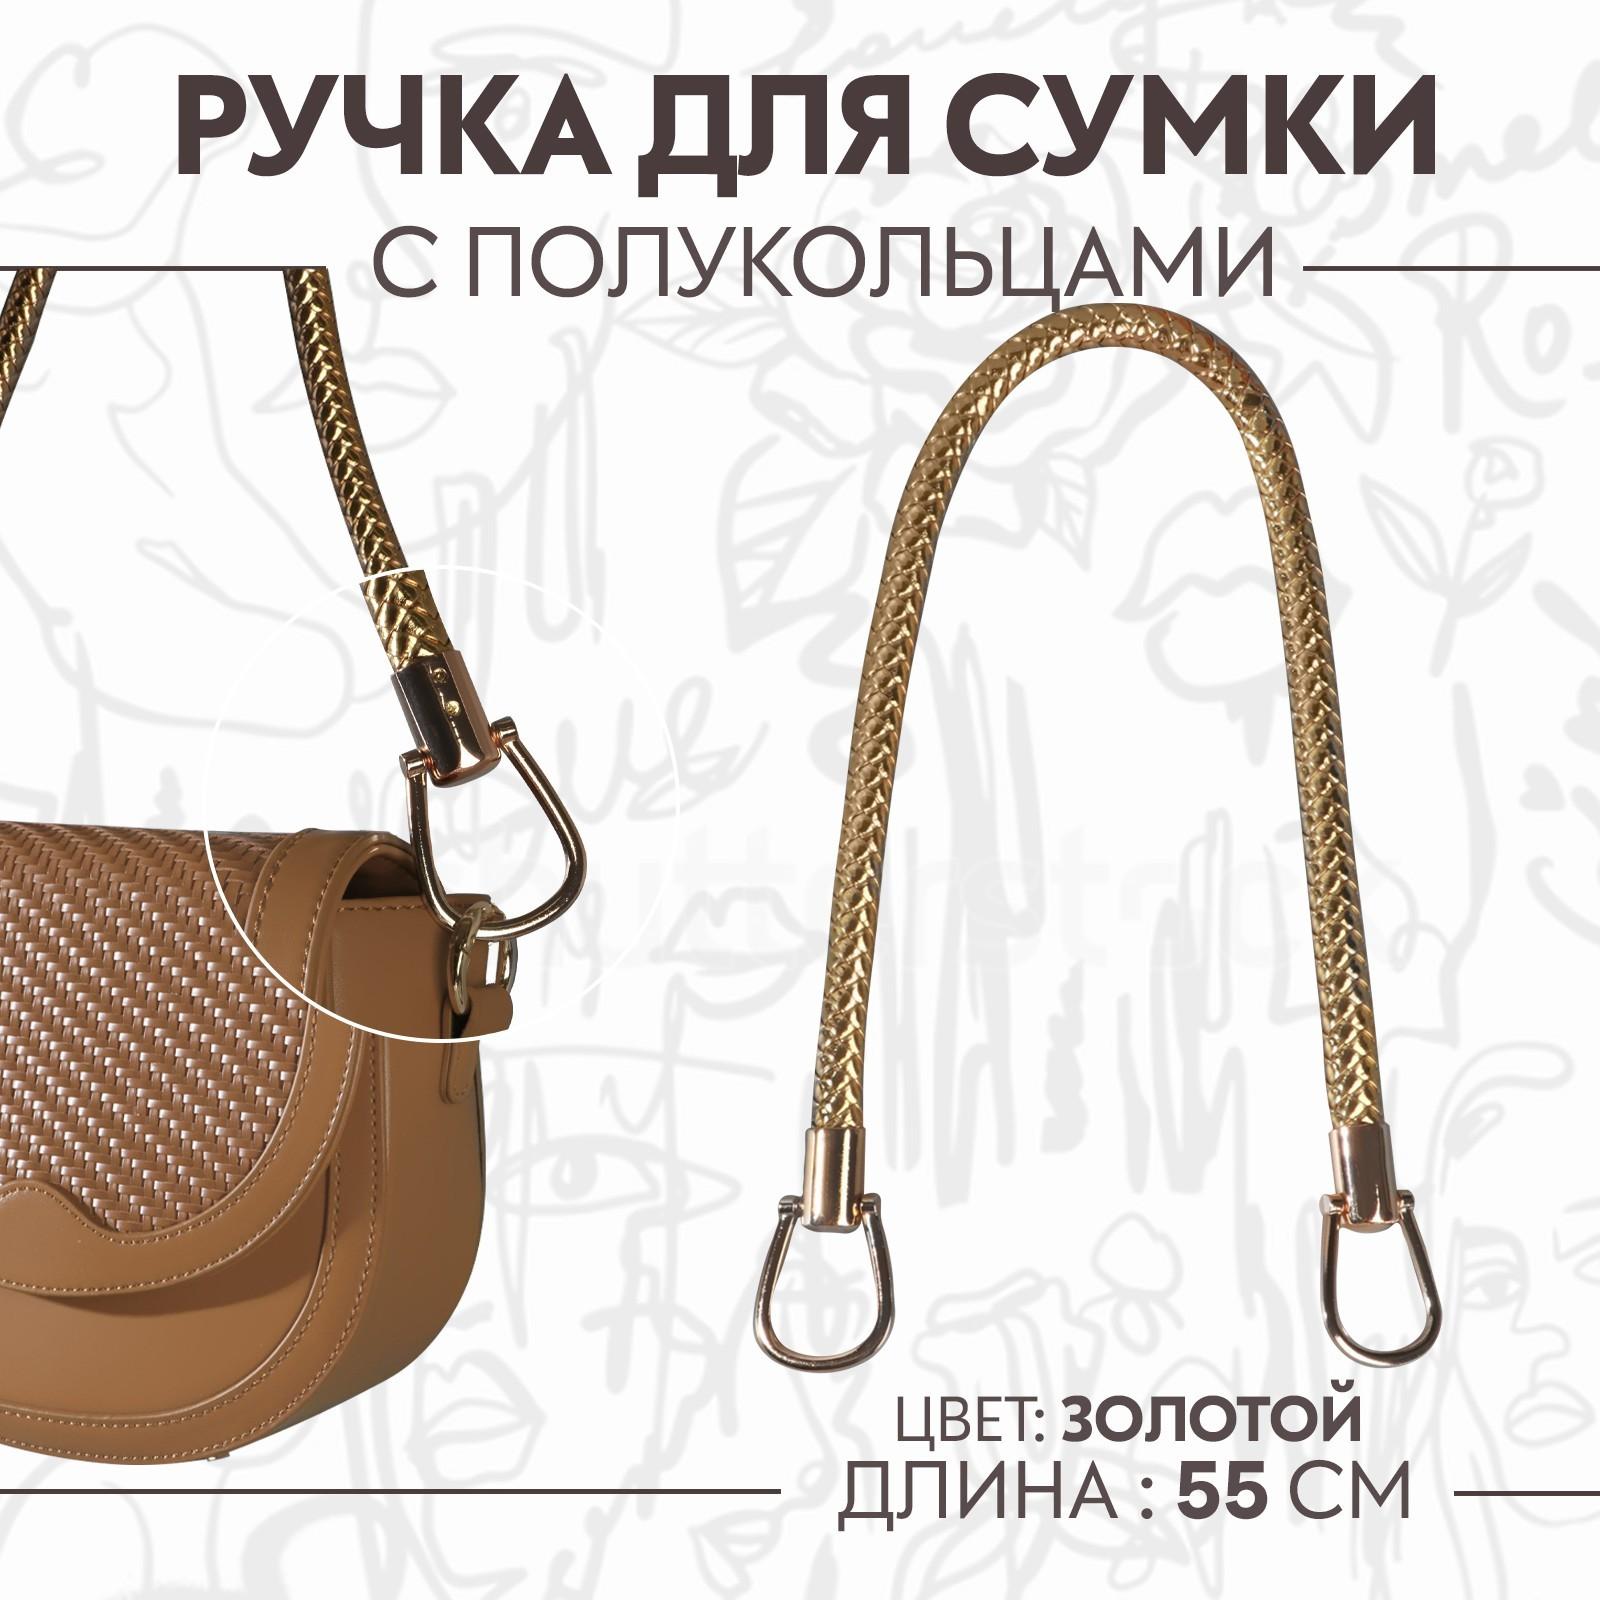 b4fc224503e5 Ручка для сумки, кожаная, 55 см, цвет золотой (3636035) - Купить по ...